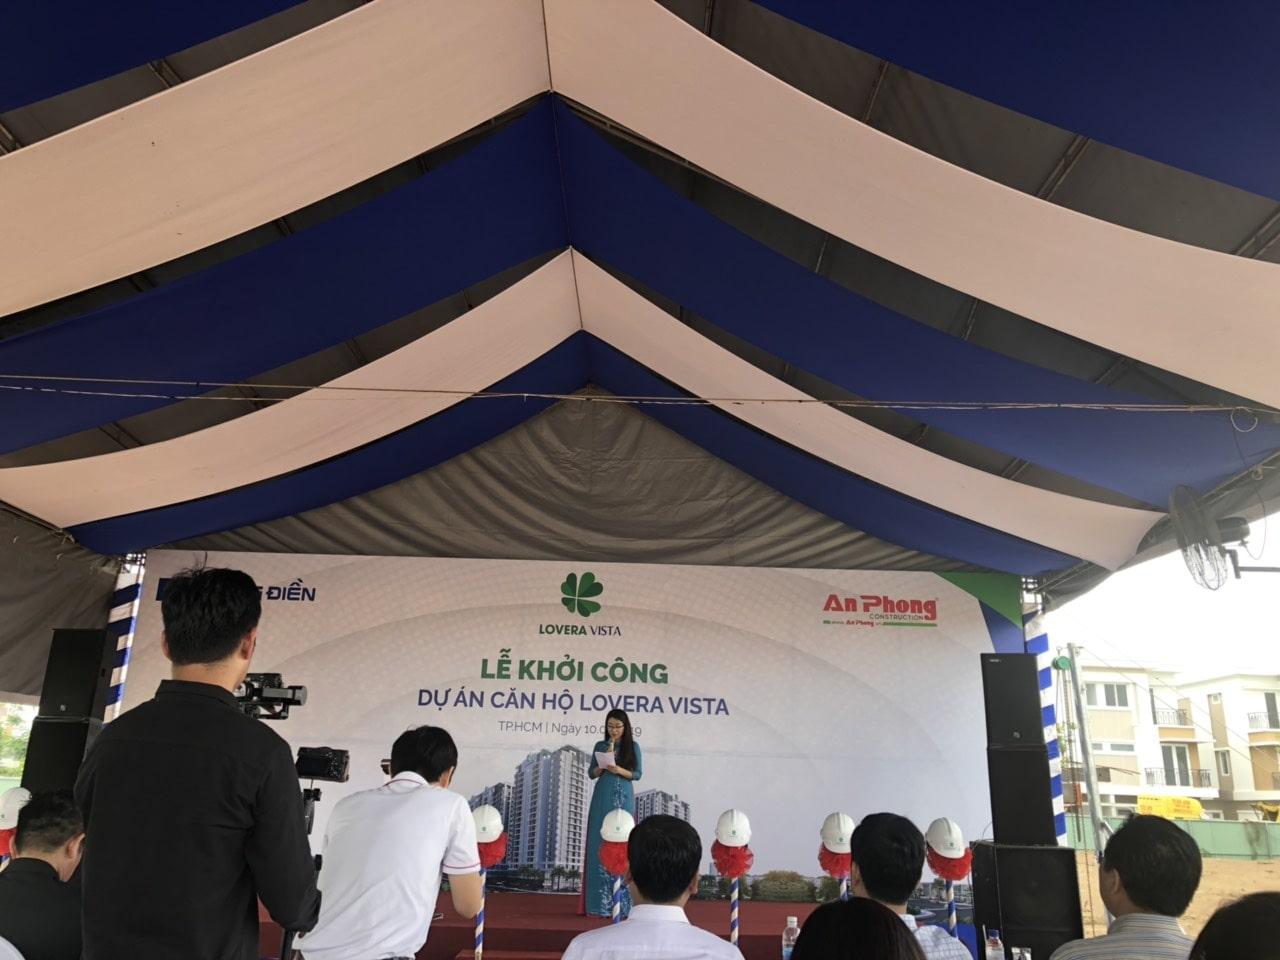 Lễ khởi công dự án căn hộ Lovera Vista Khang Điền